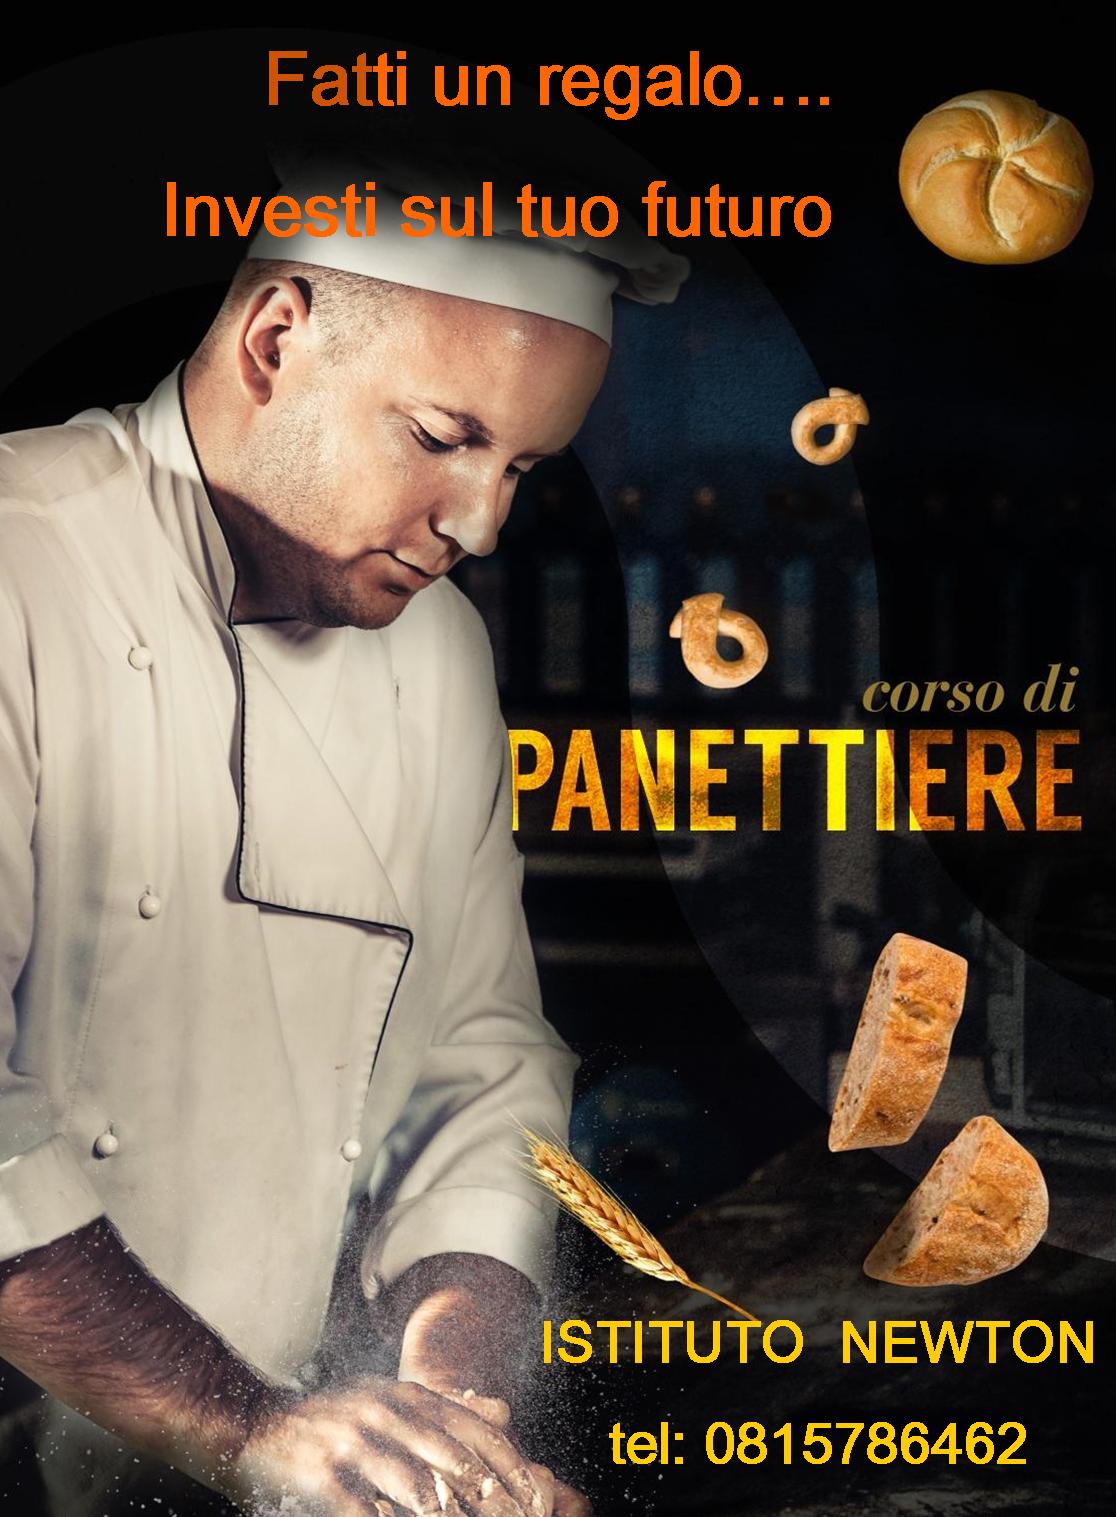 corso-panettiere-napoli